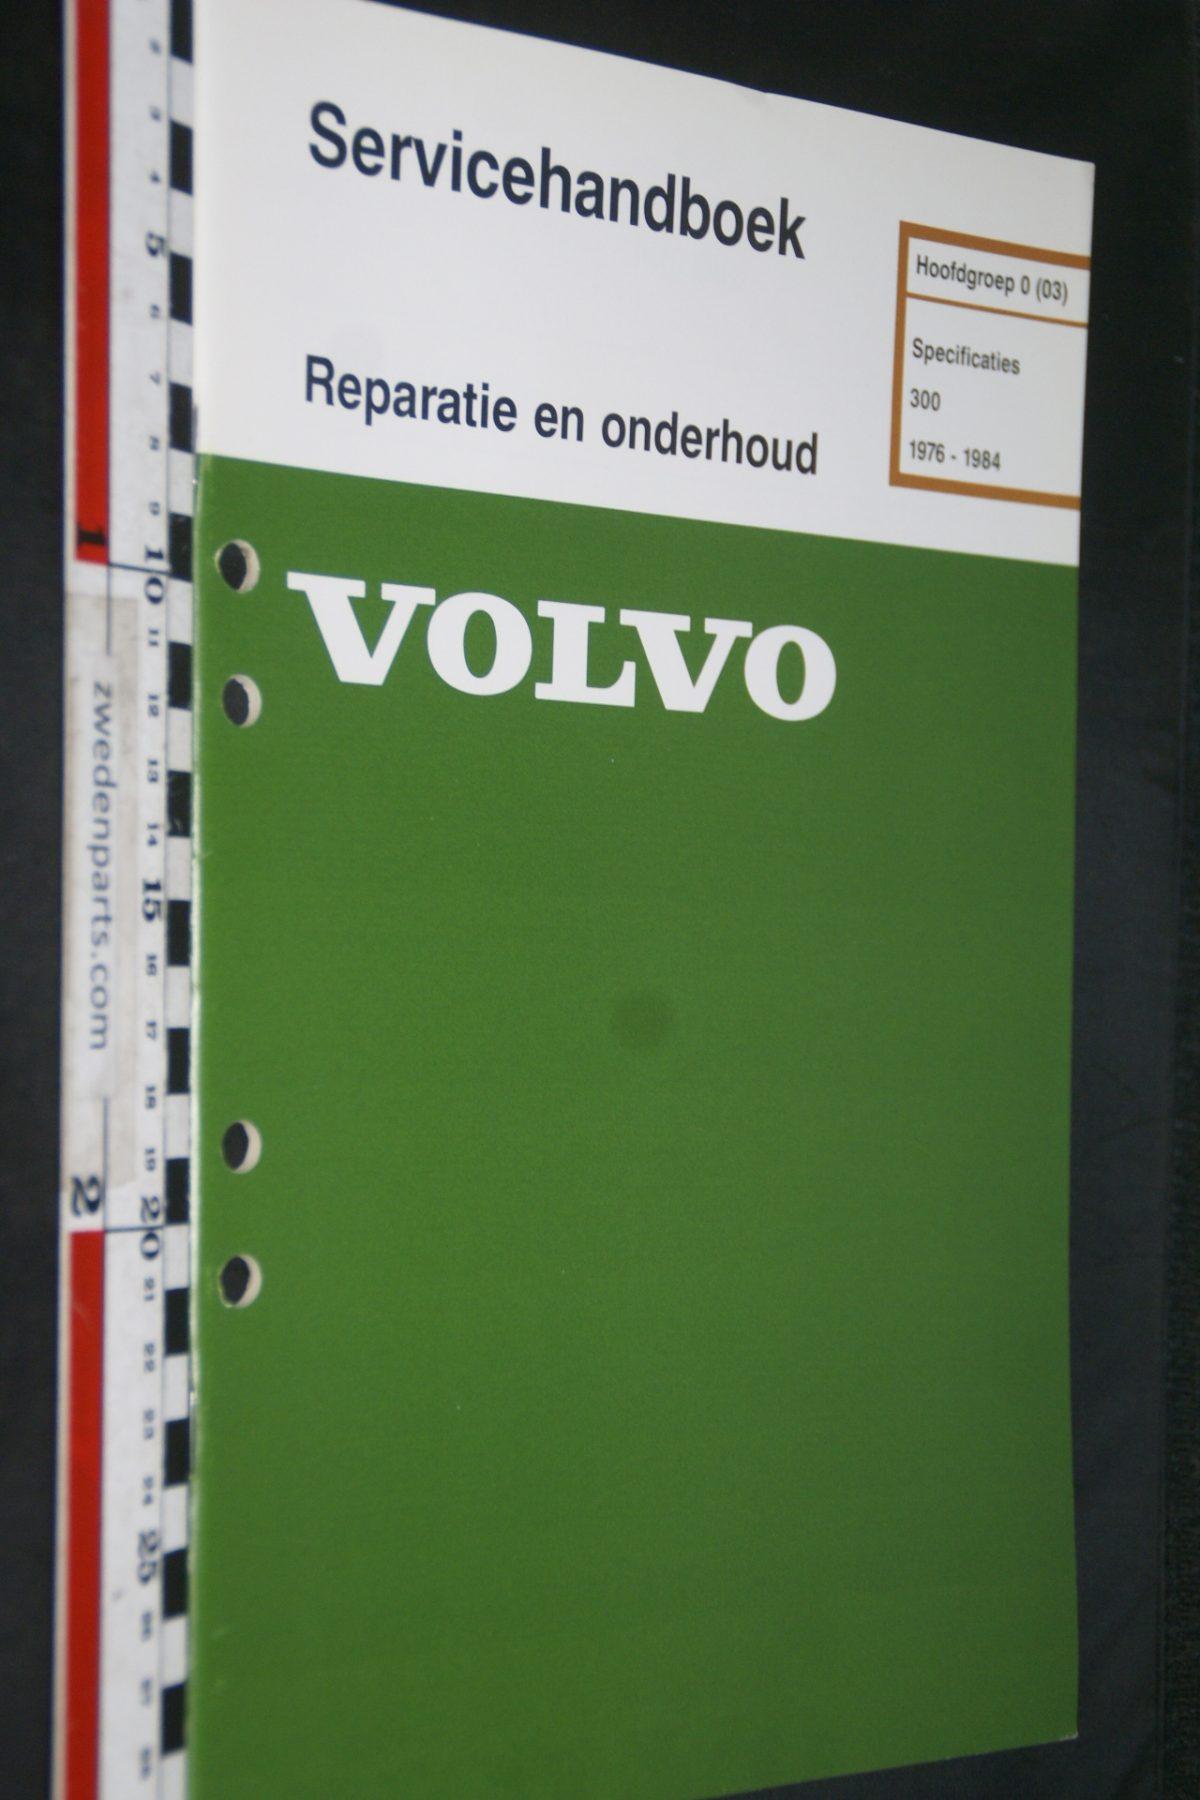 DSC06792 1983 origineel Volvo 300 servicehandboek 0 specificaties 1 van 900 TP 35028-5